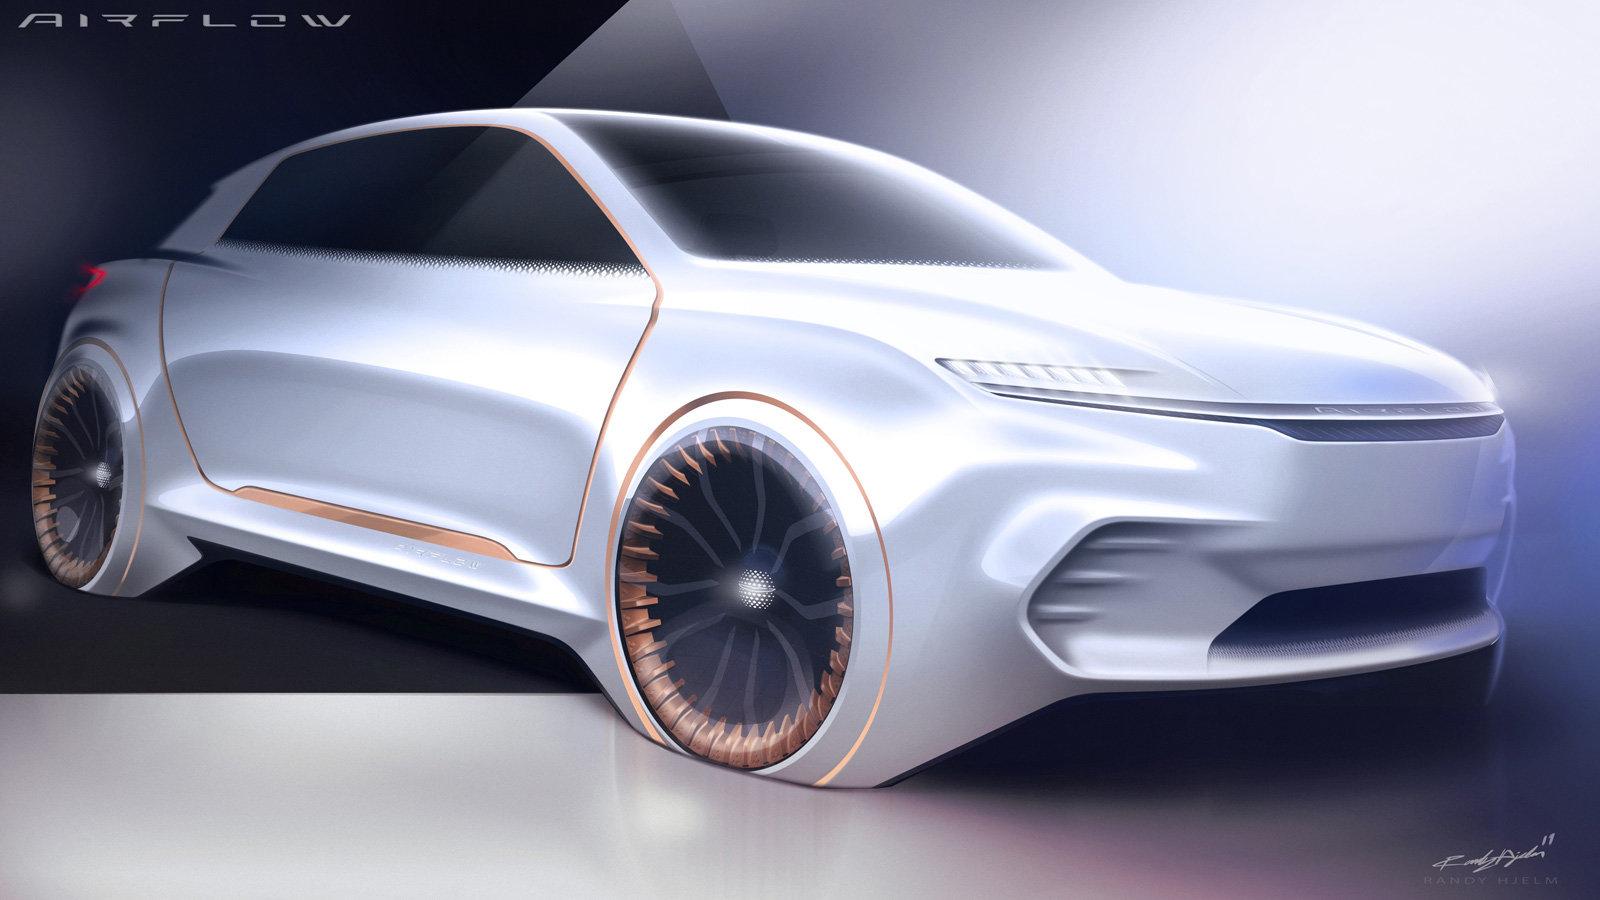 صورة Fiat Chrysler تكشف عن تصميم سيارة Airflow Vision في #CES2020